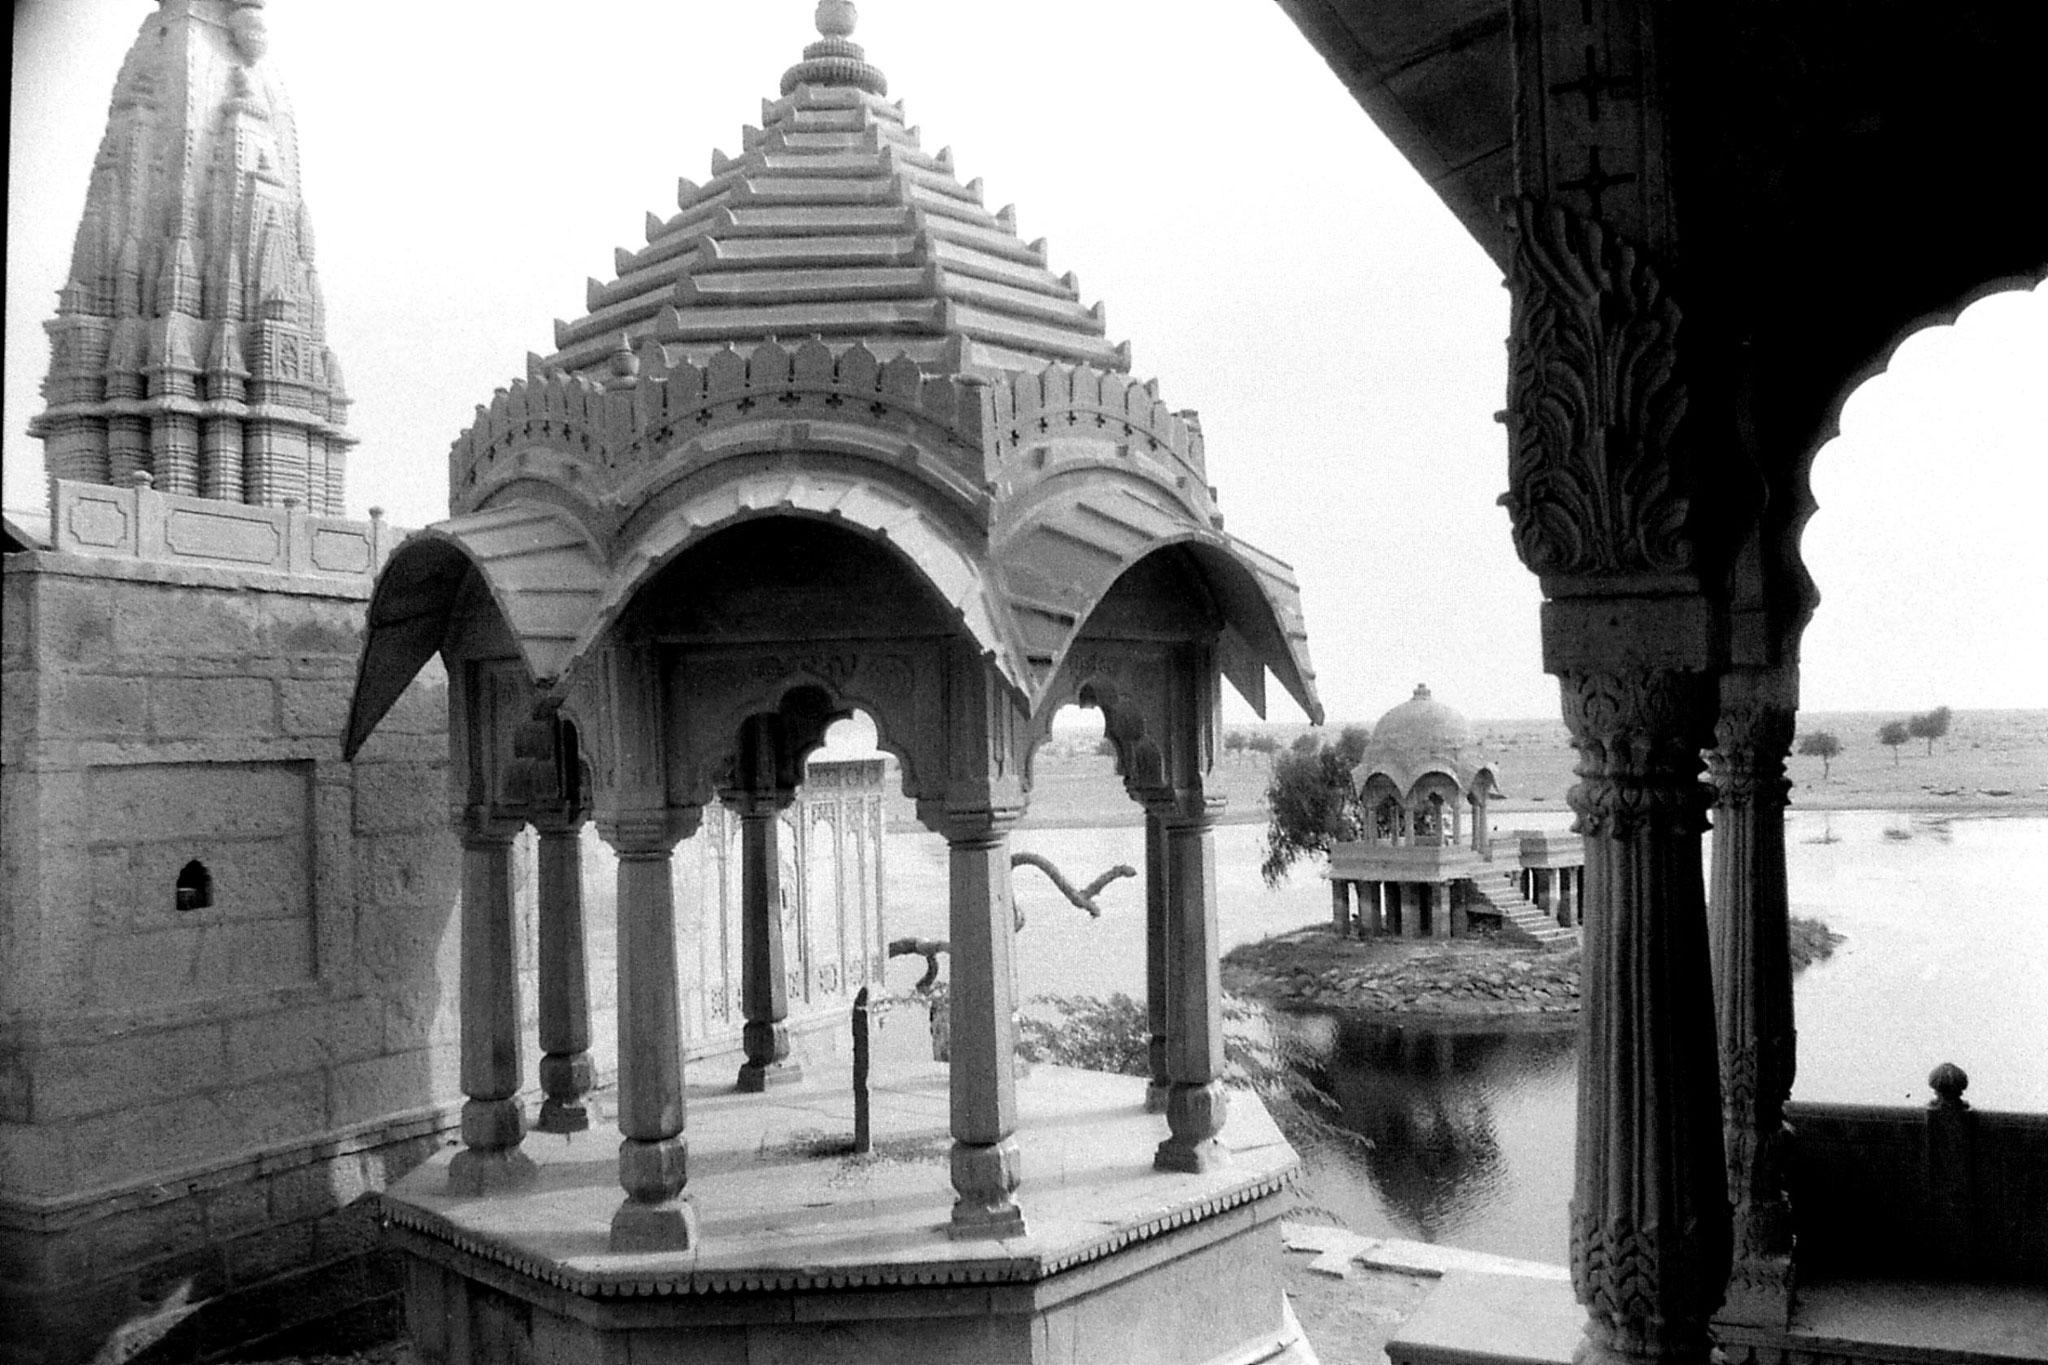 30/11/1989: 3: Jaisalmer